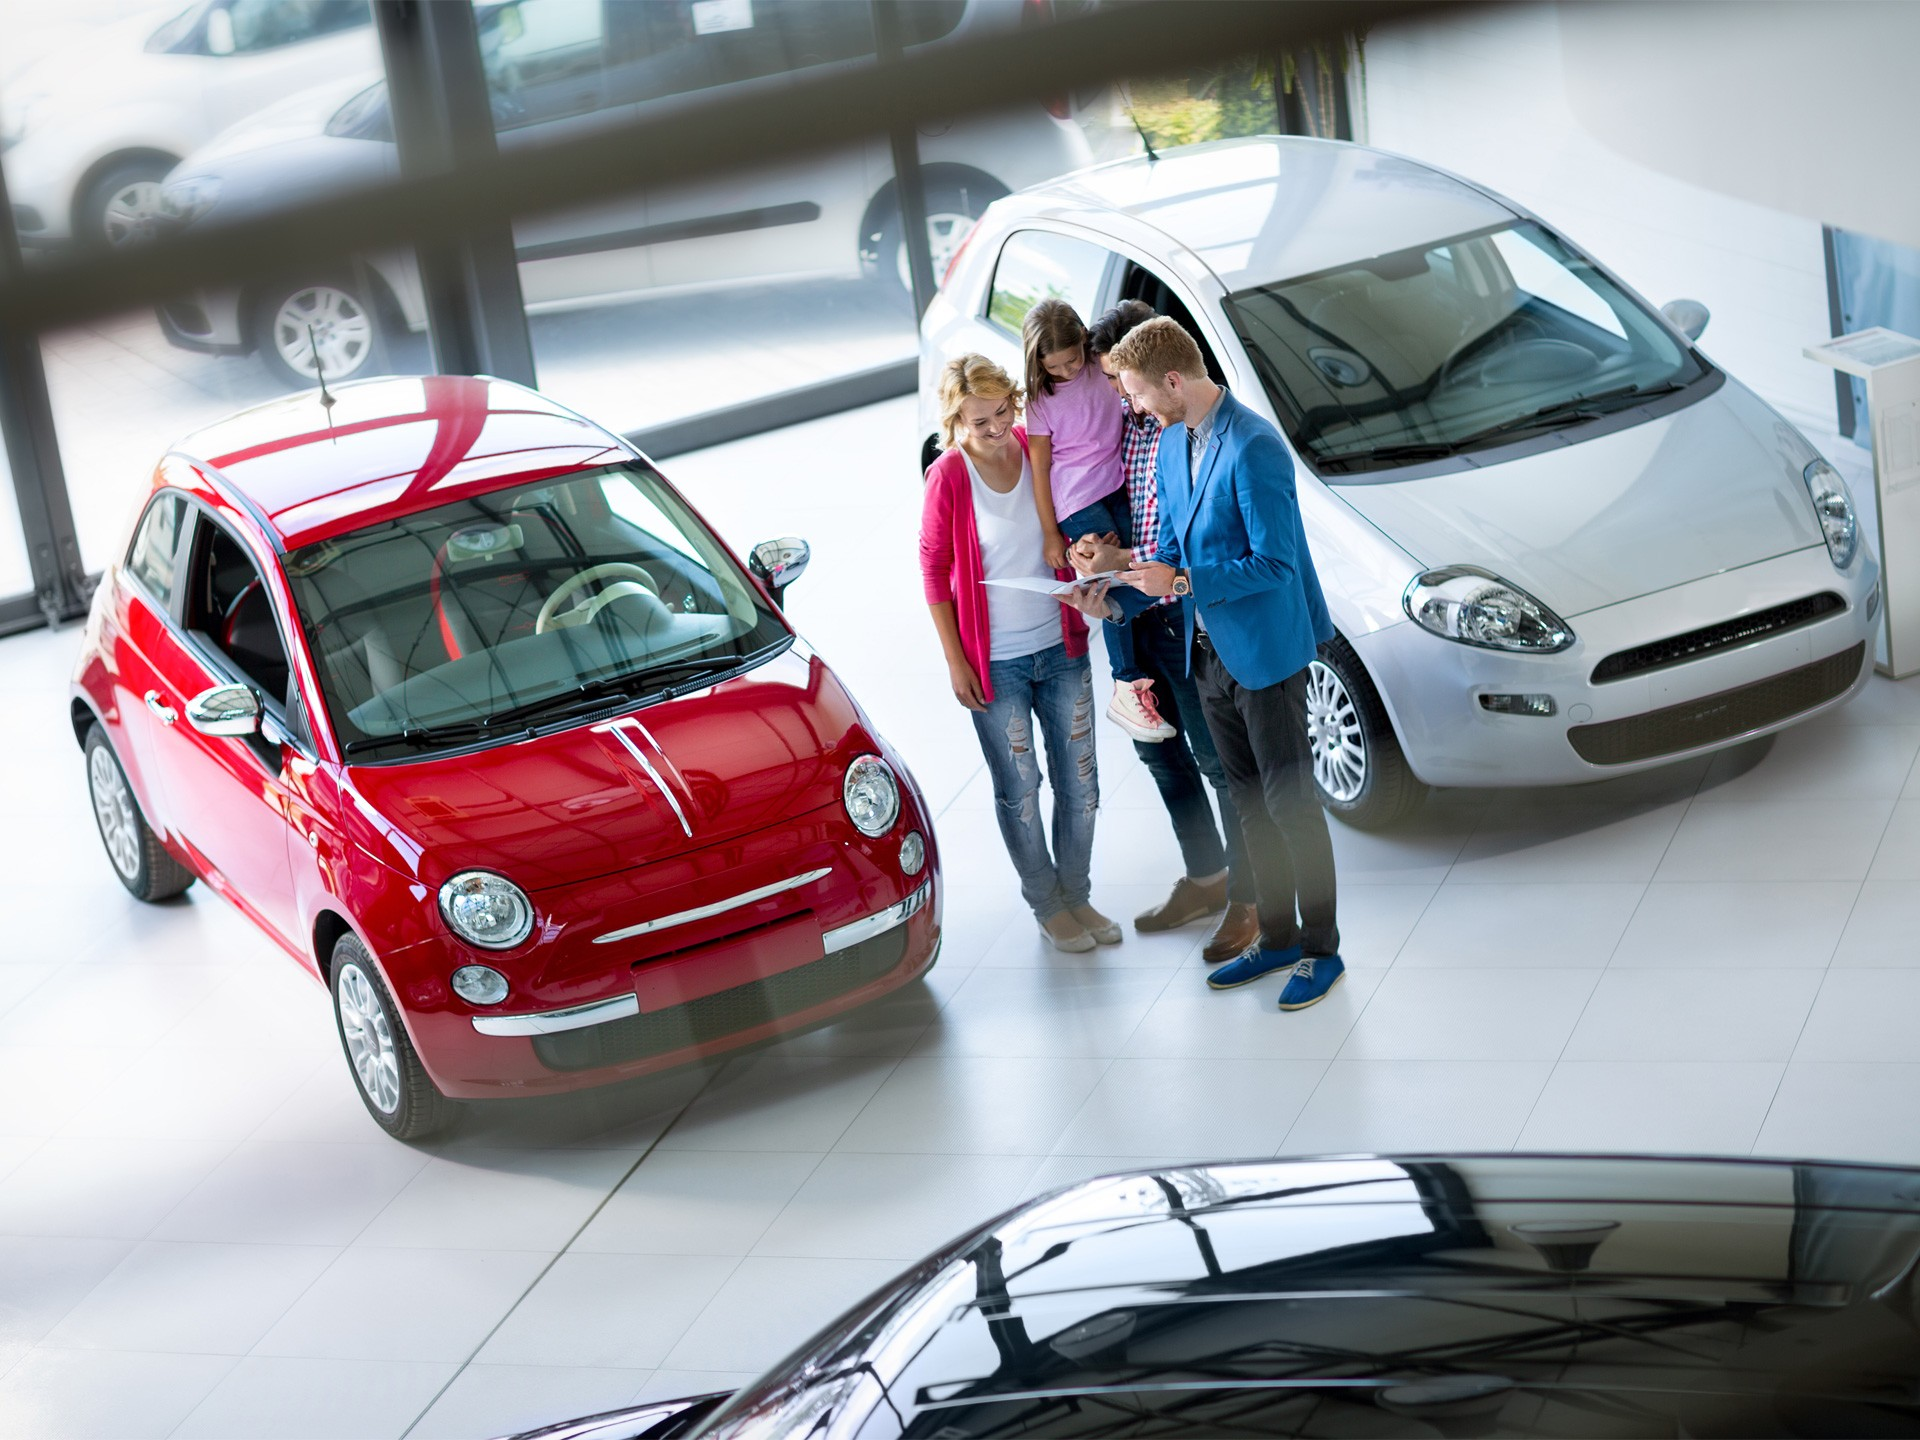 Авито Авто: эксперты подсчитали, сколько месяцев потребуется российской семье, чтобы накопить на подержанный автомобиль